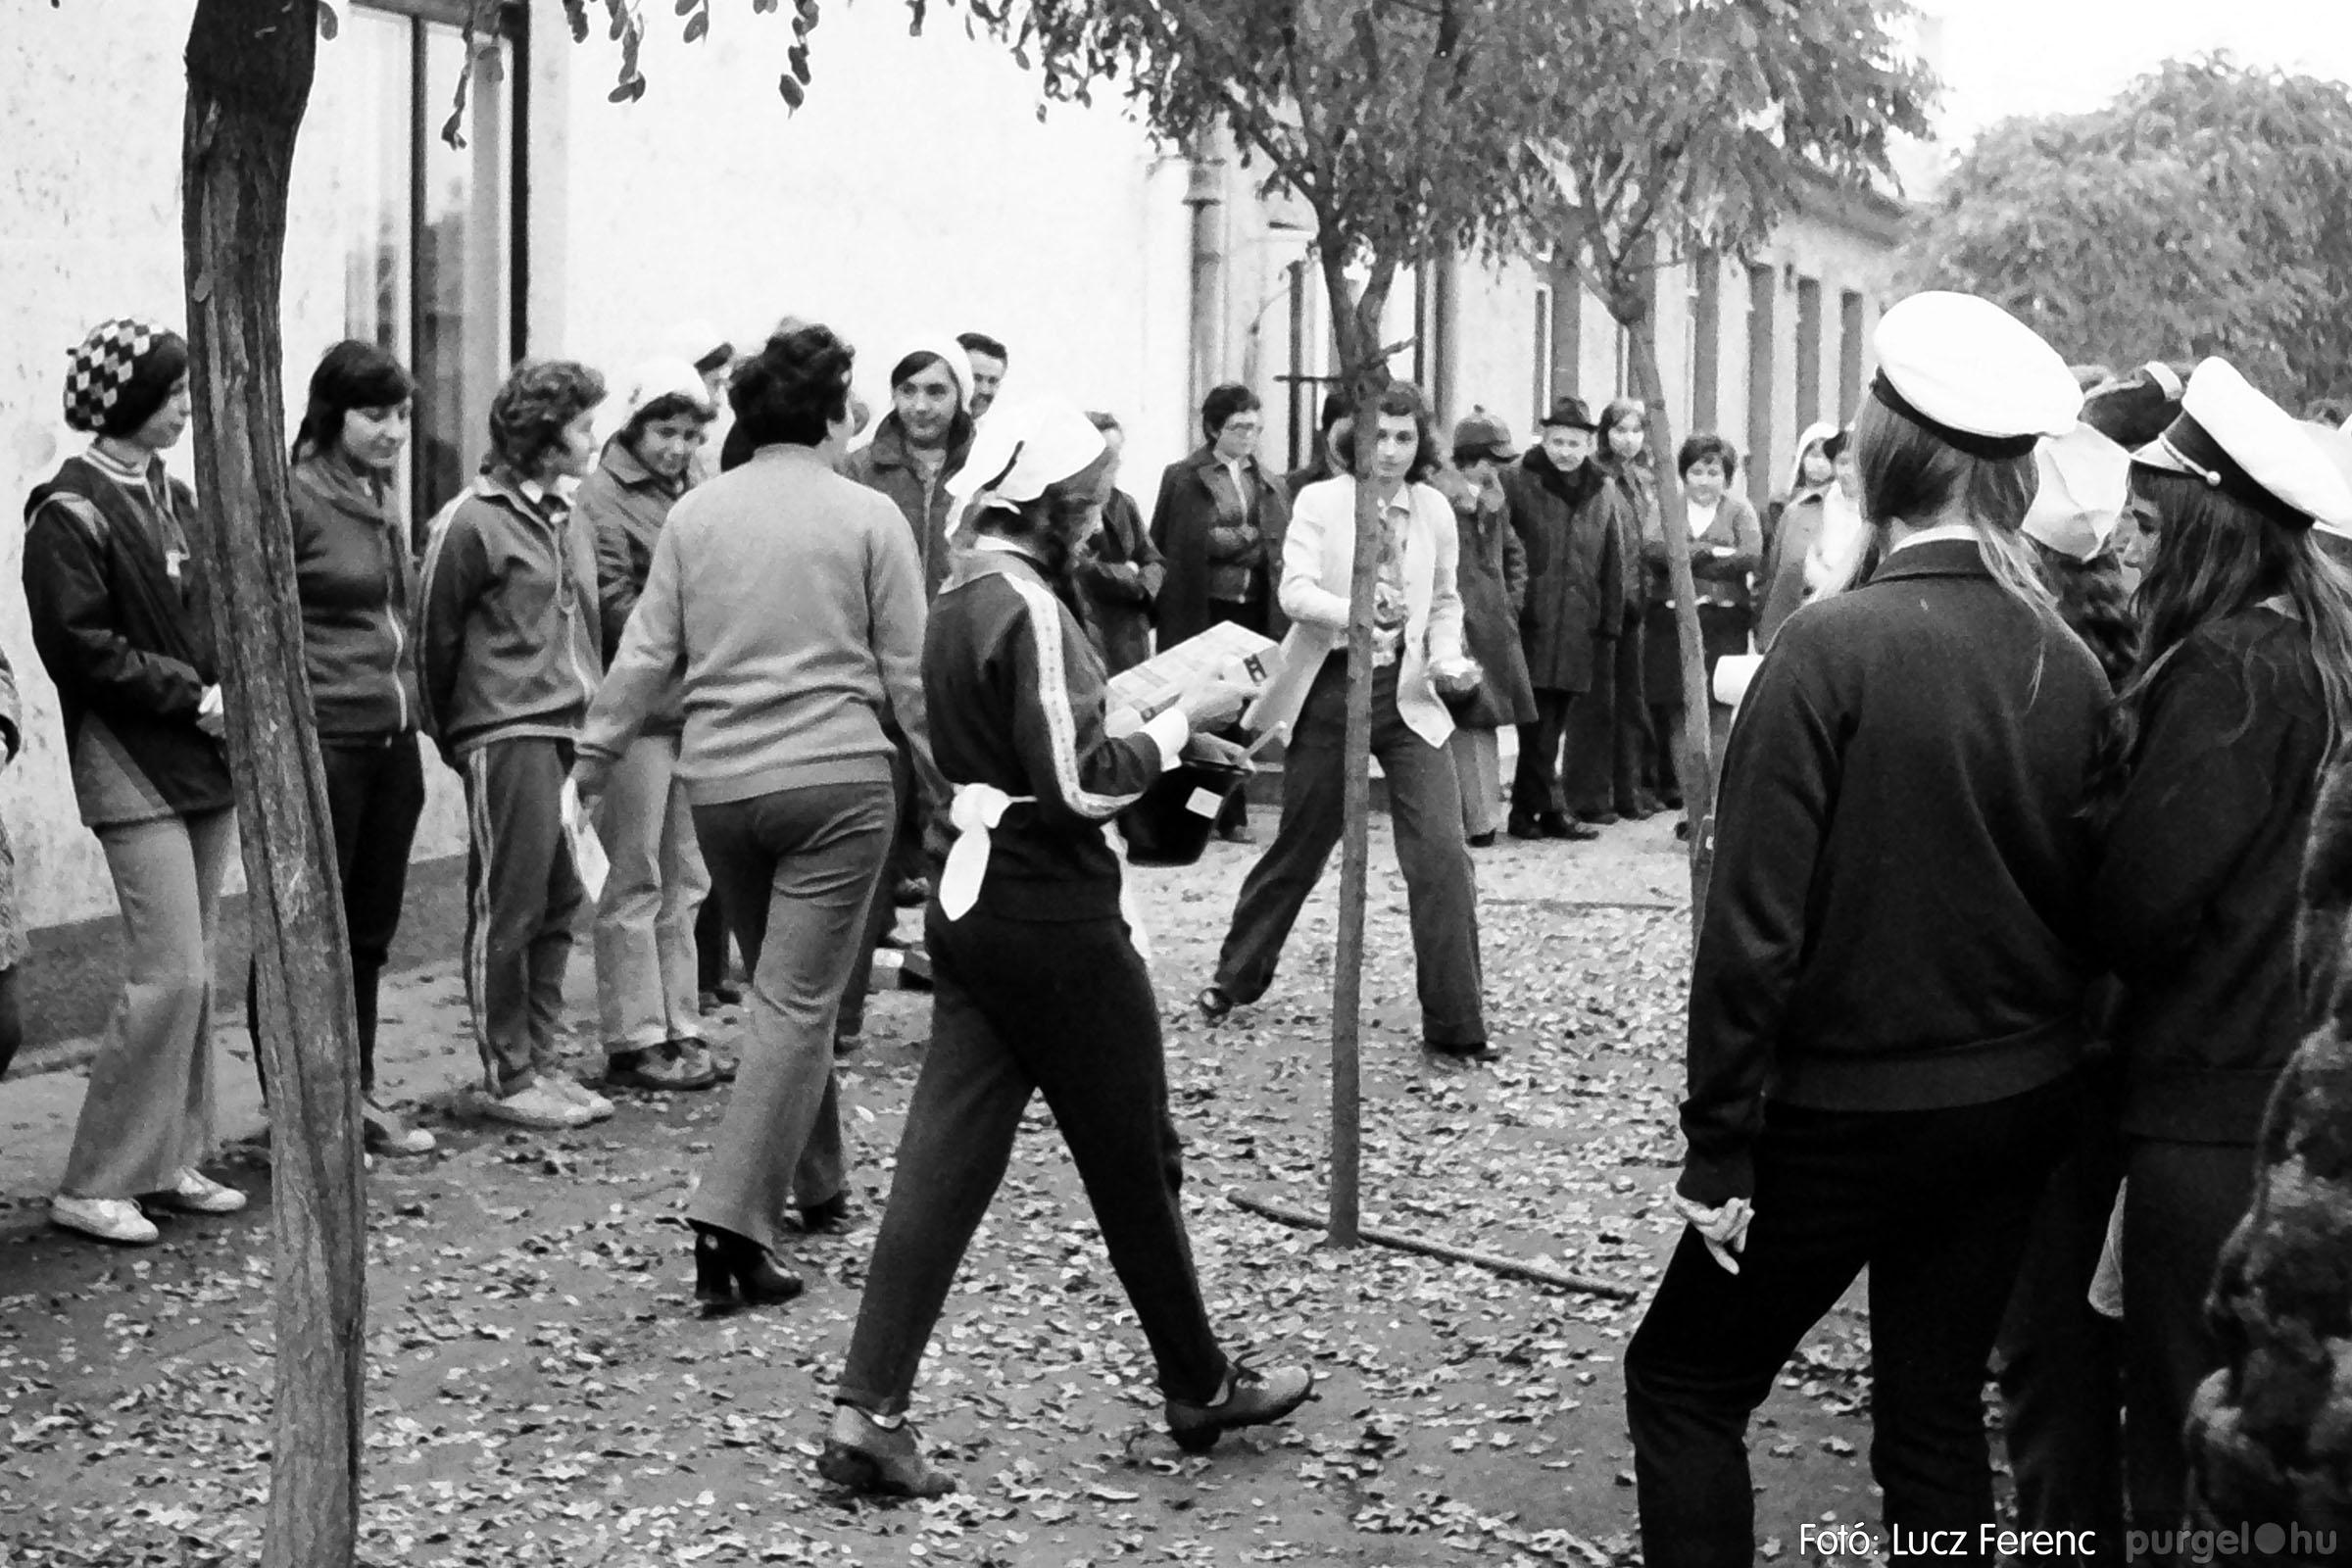 004A 1970-es évek - Úttörő rendezvény 023 - Fotó: Lucz Ferenc IMG00034q.jpg